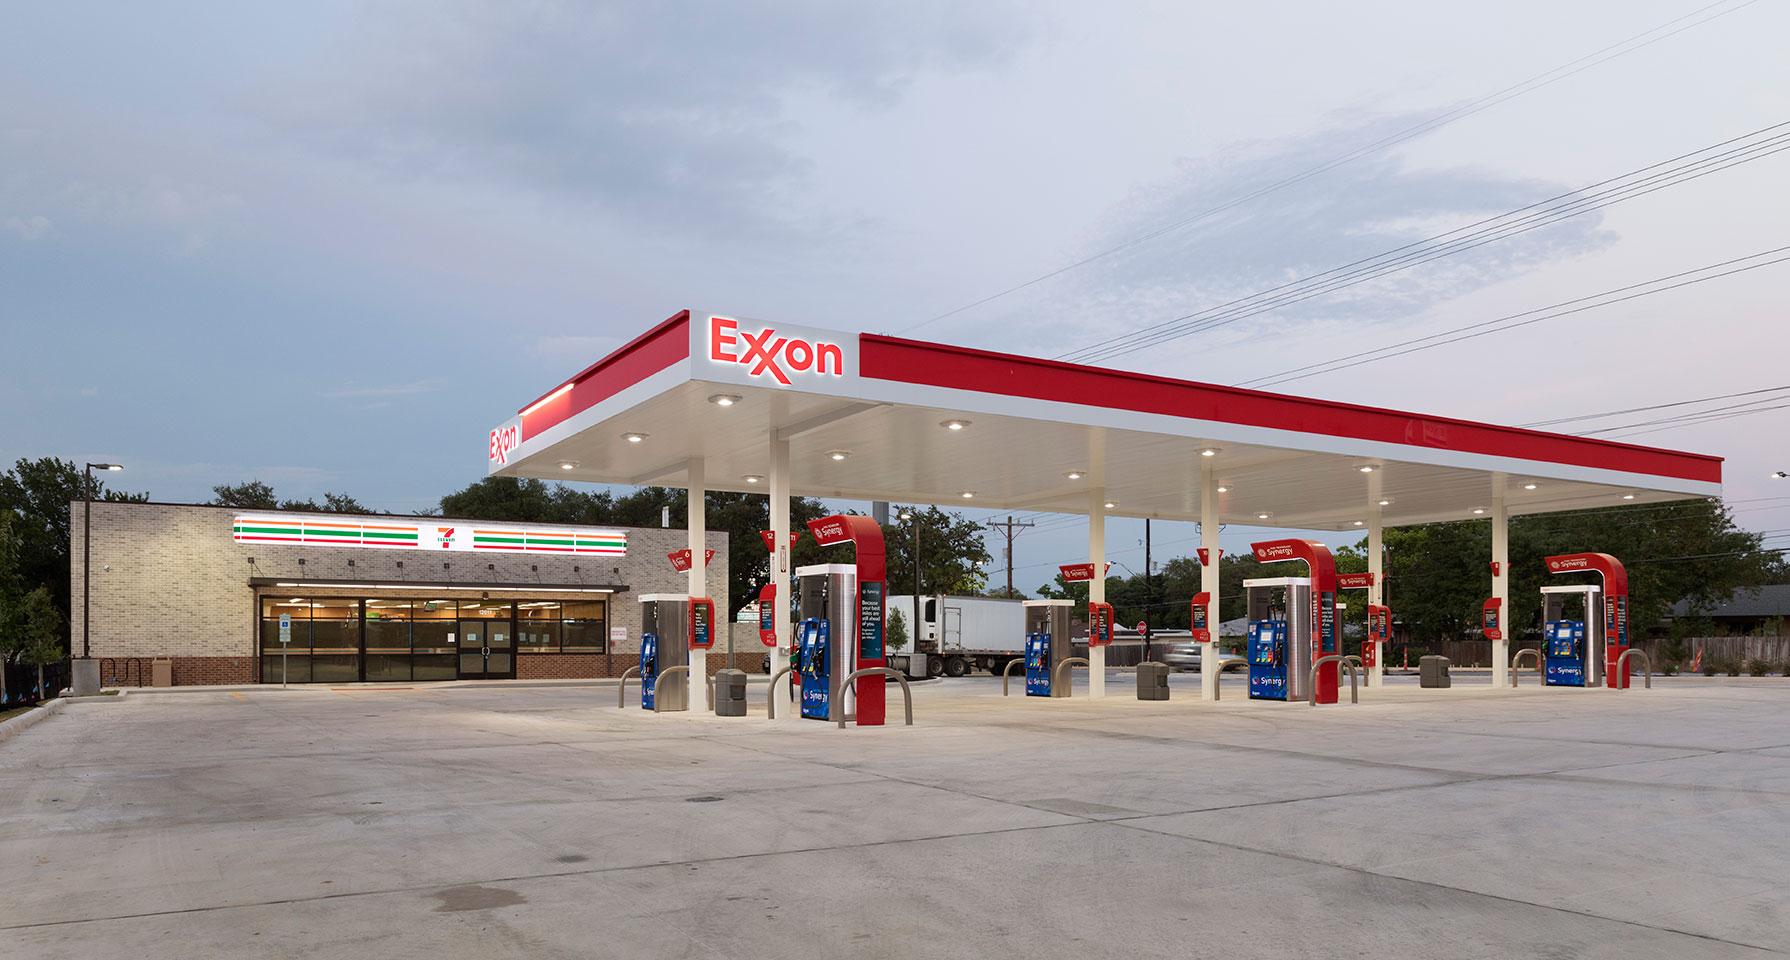 7 Eleven In San Antonio Texas